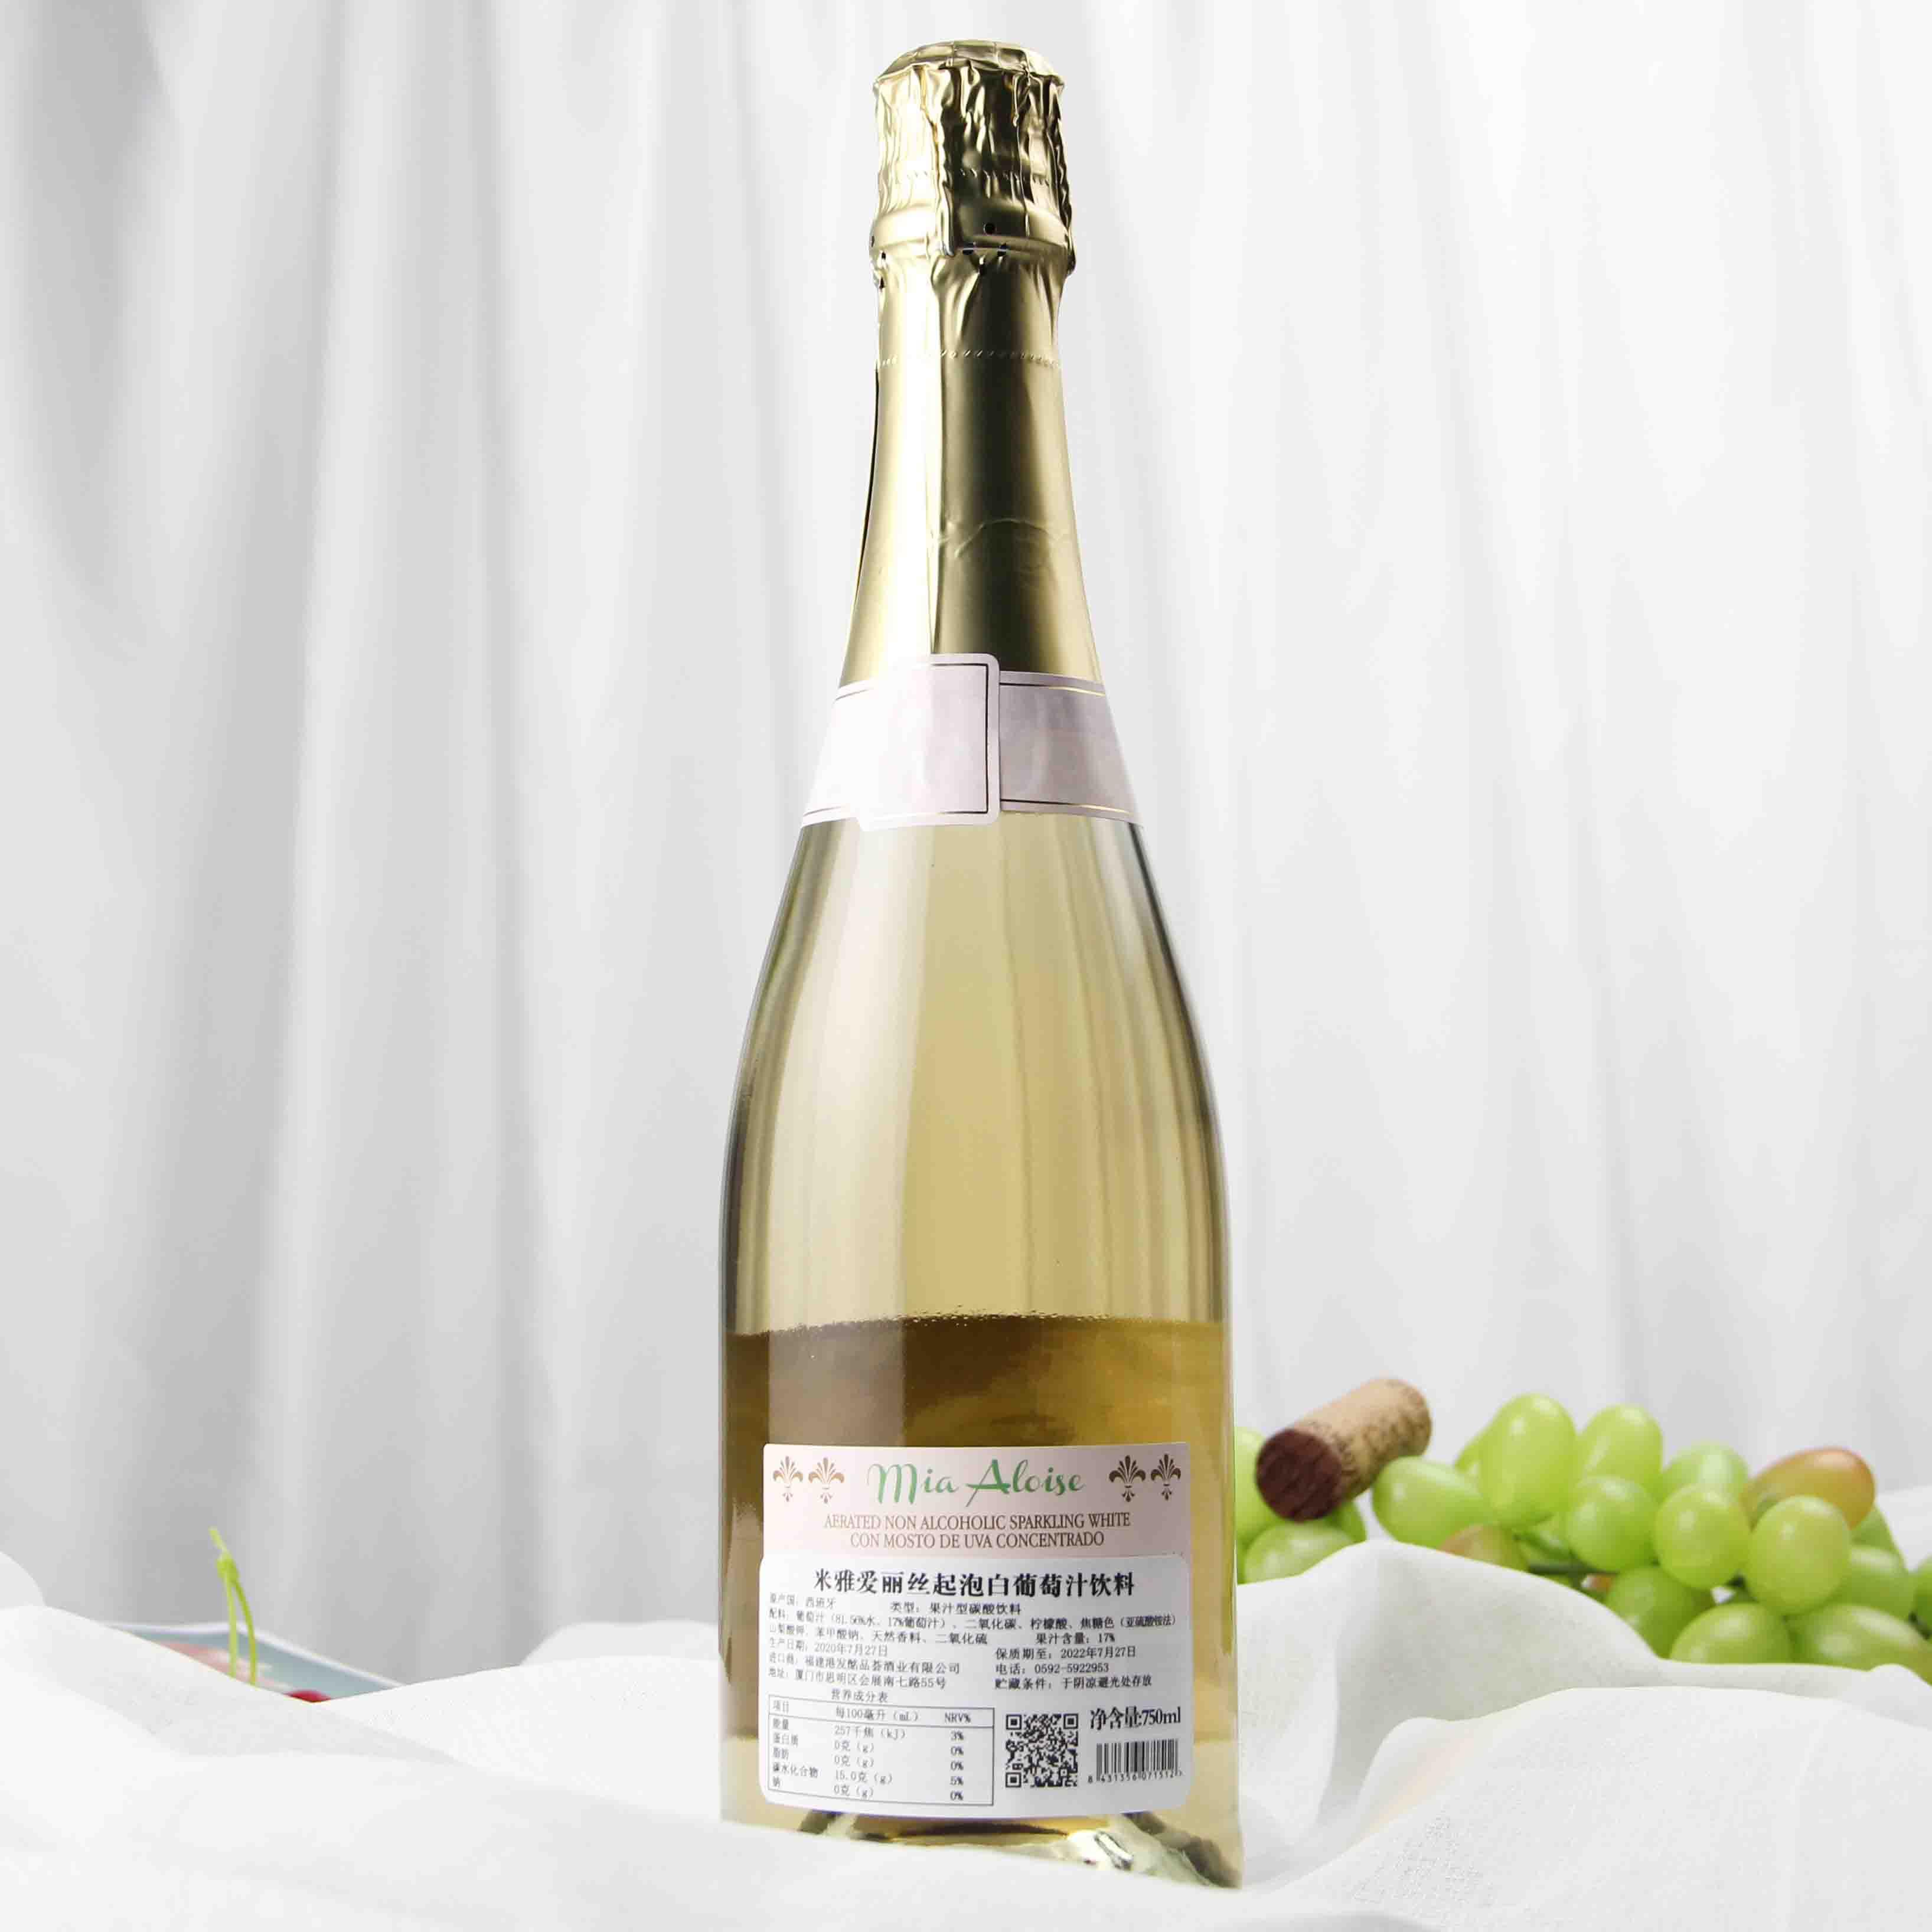 西班牙米雅爱丽丝起泡白葡萄酒汁饮料